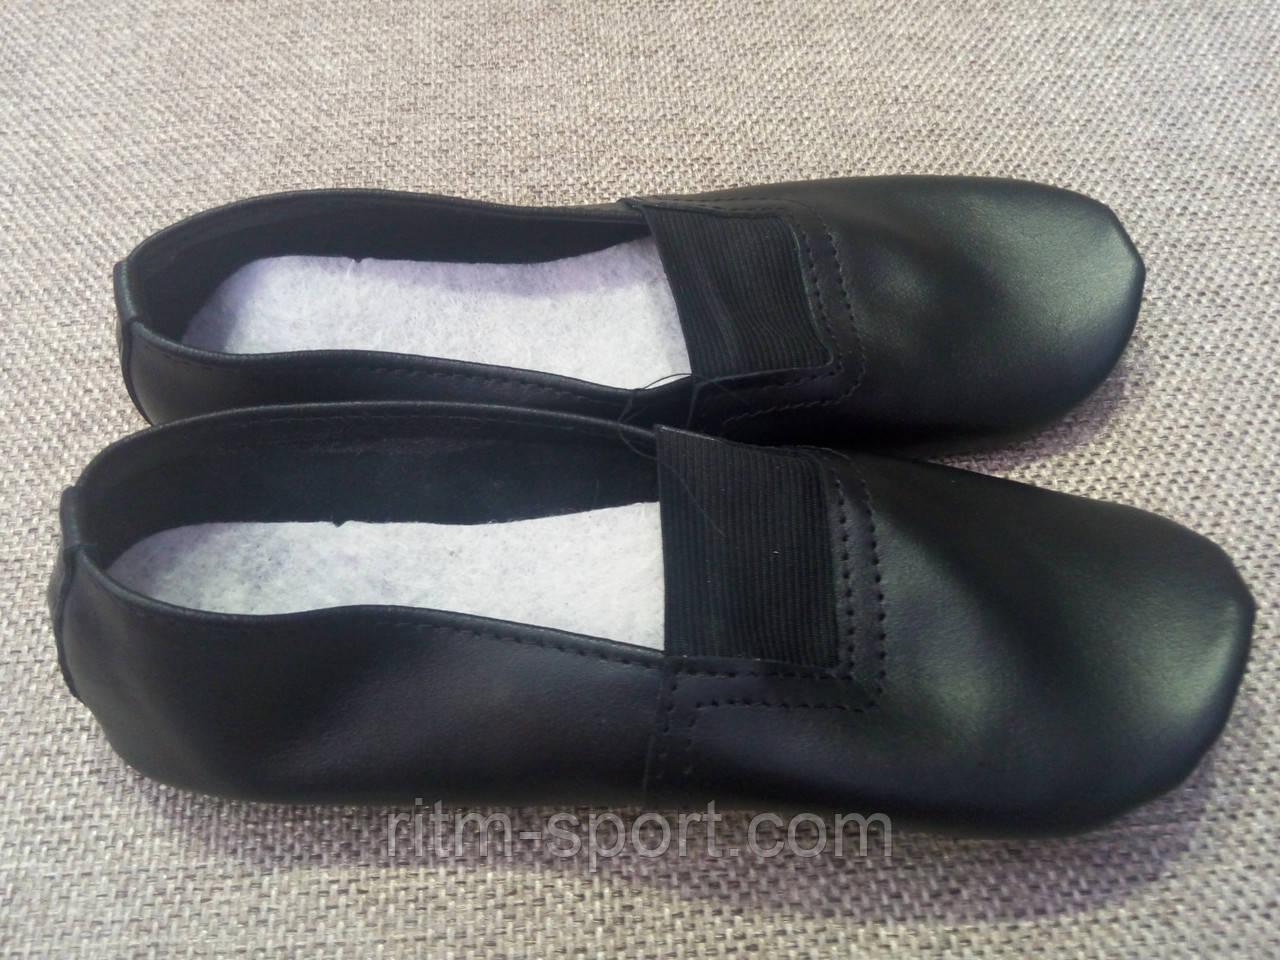 Чешки шкіряні чорні (розміри 39 - 42)